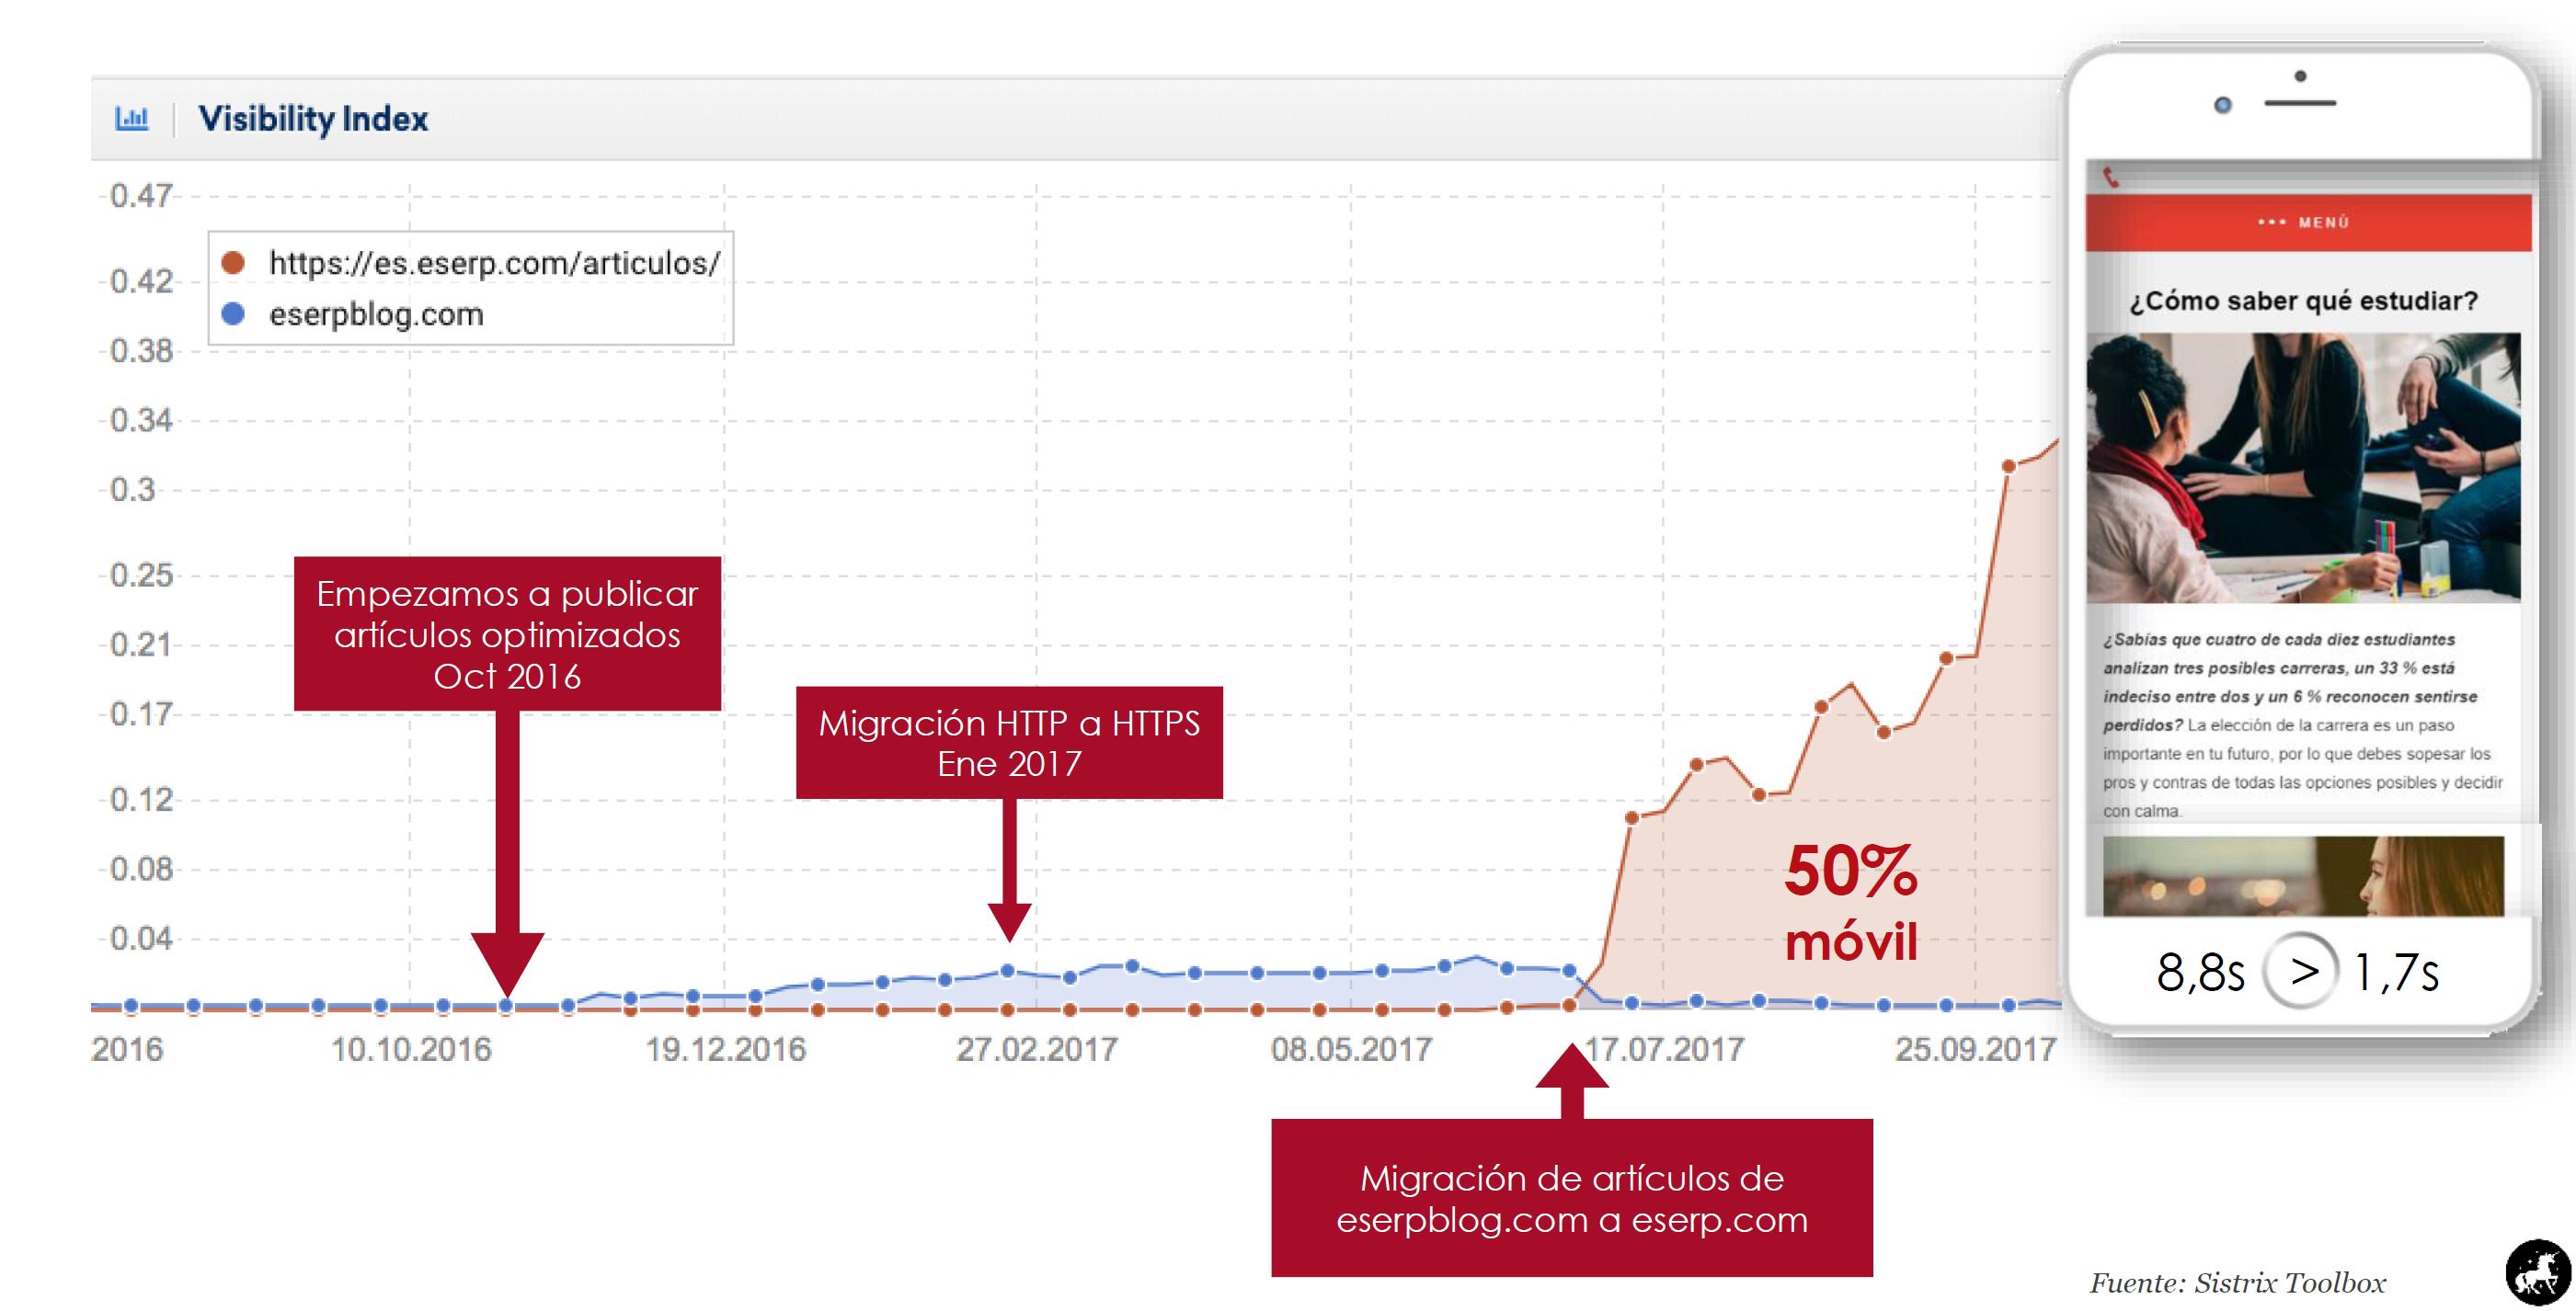 visibilidad de la migración de  eserp.com/articulos/ vs. eserblog.com